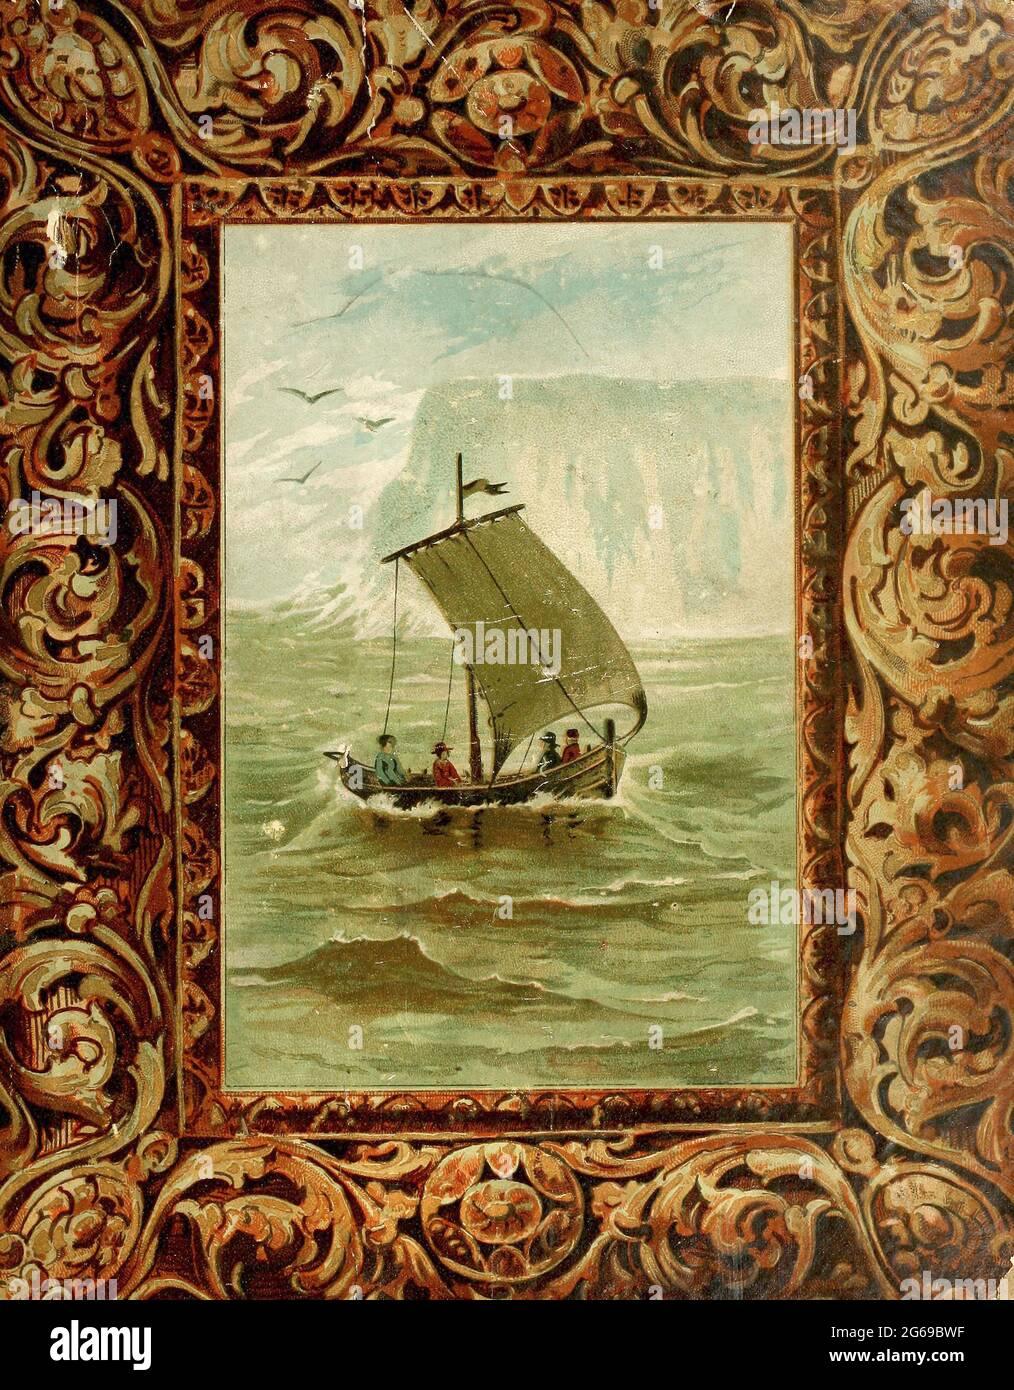 Quelle est la popularité de viking auto moto ecole? Historische Illustration Von 1885 Stockfotos Und Bilder Kaufen Alamy